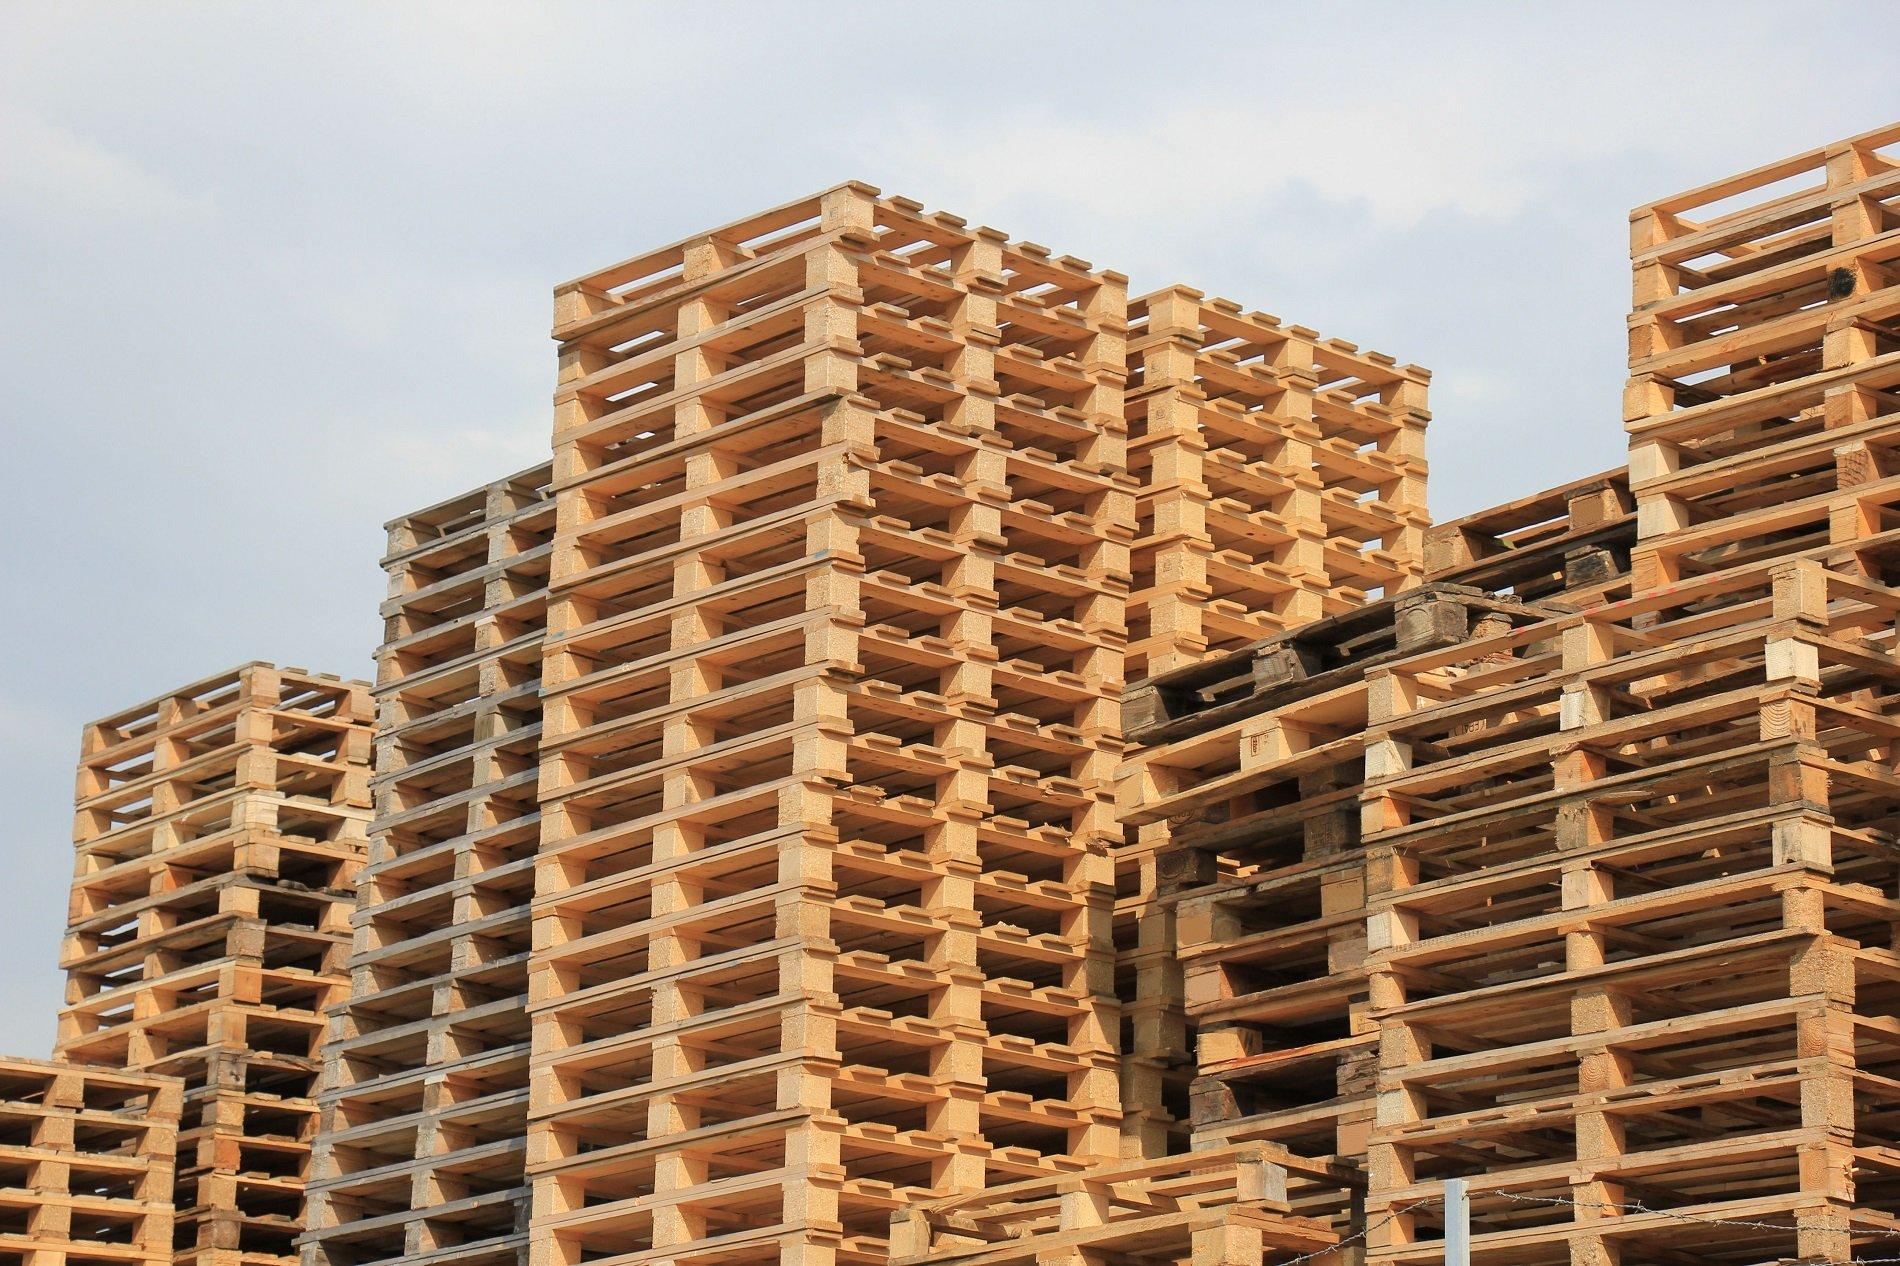 delle pile di bancali in legno